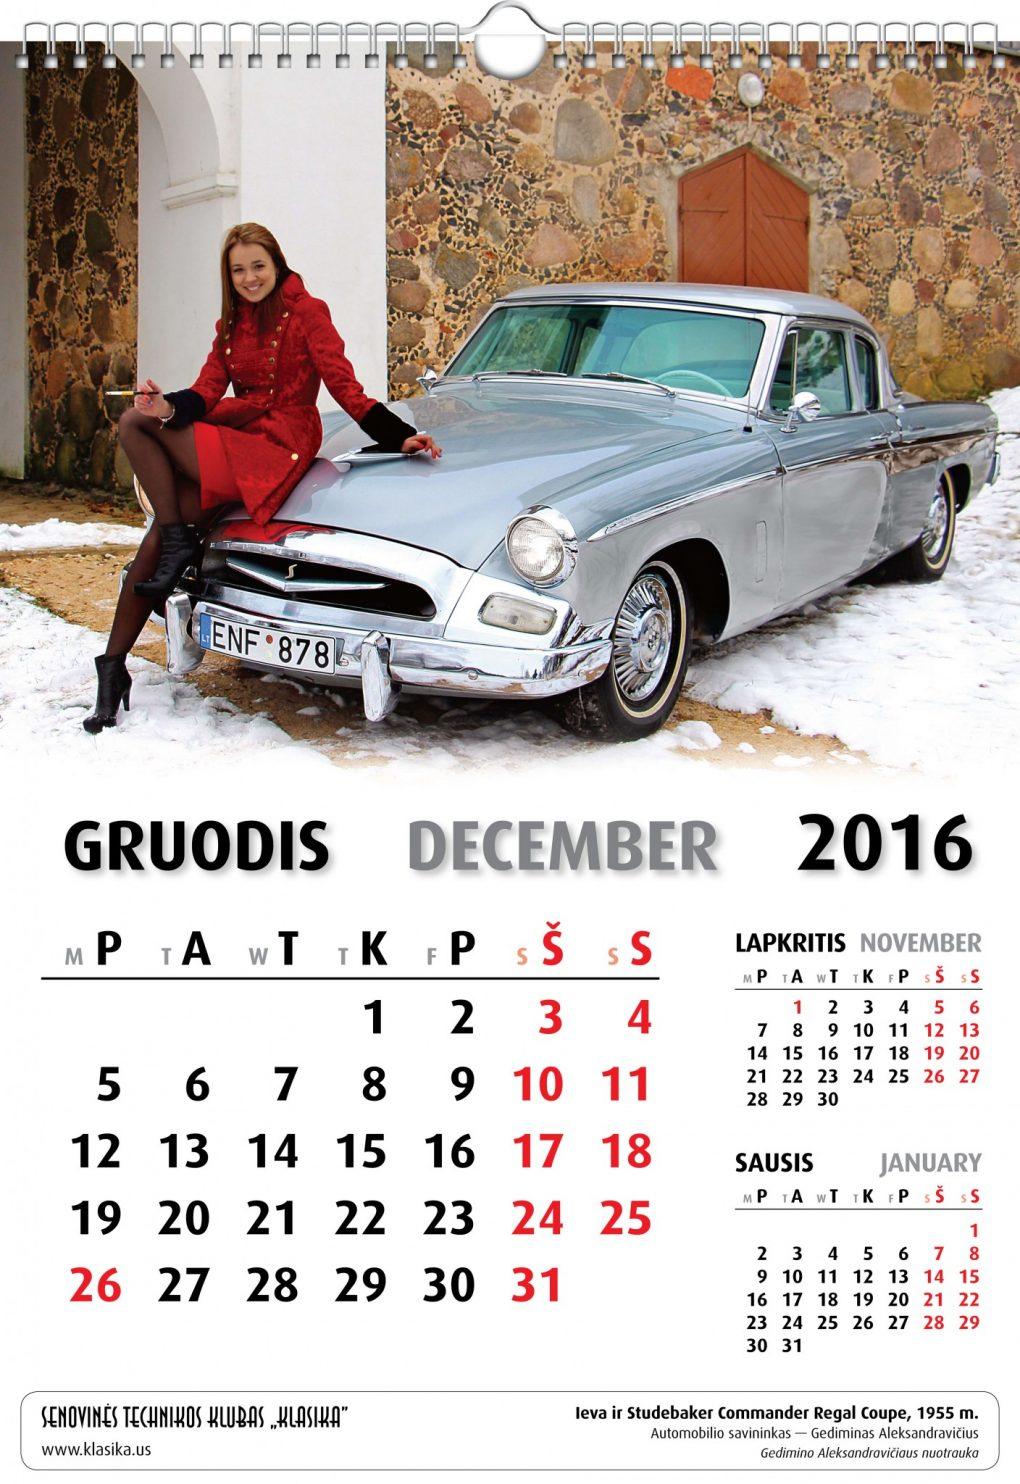 Gruodis - December